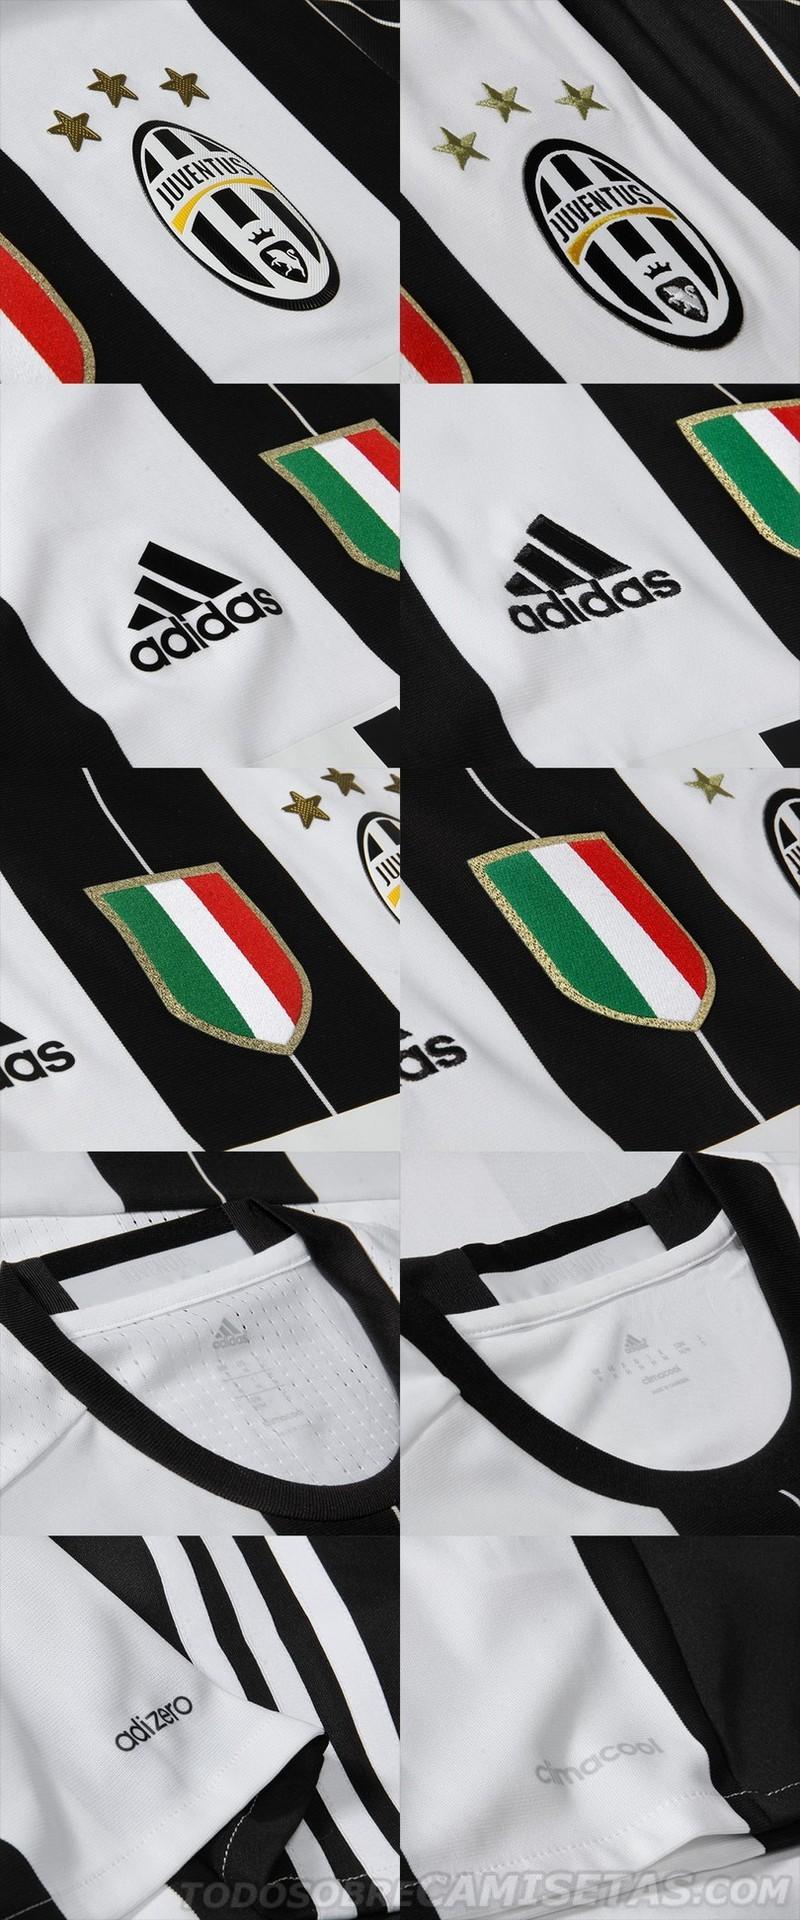 Juventus-2016-17-adidas-new-home-kit-9.jpg